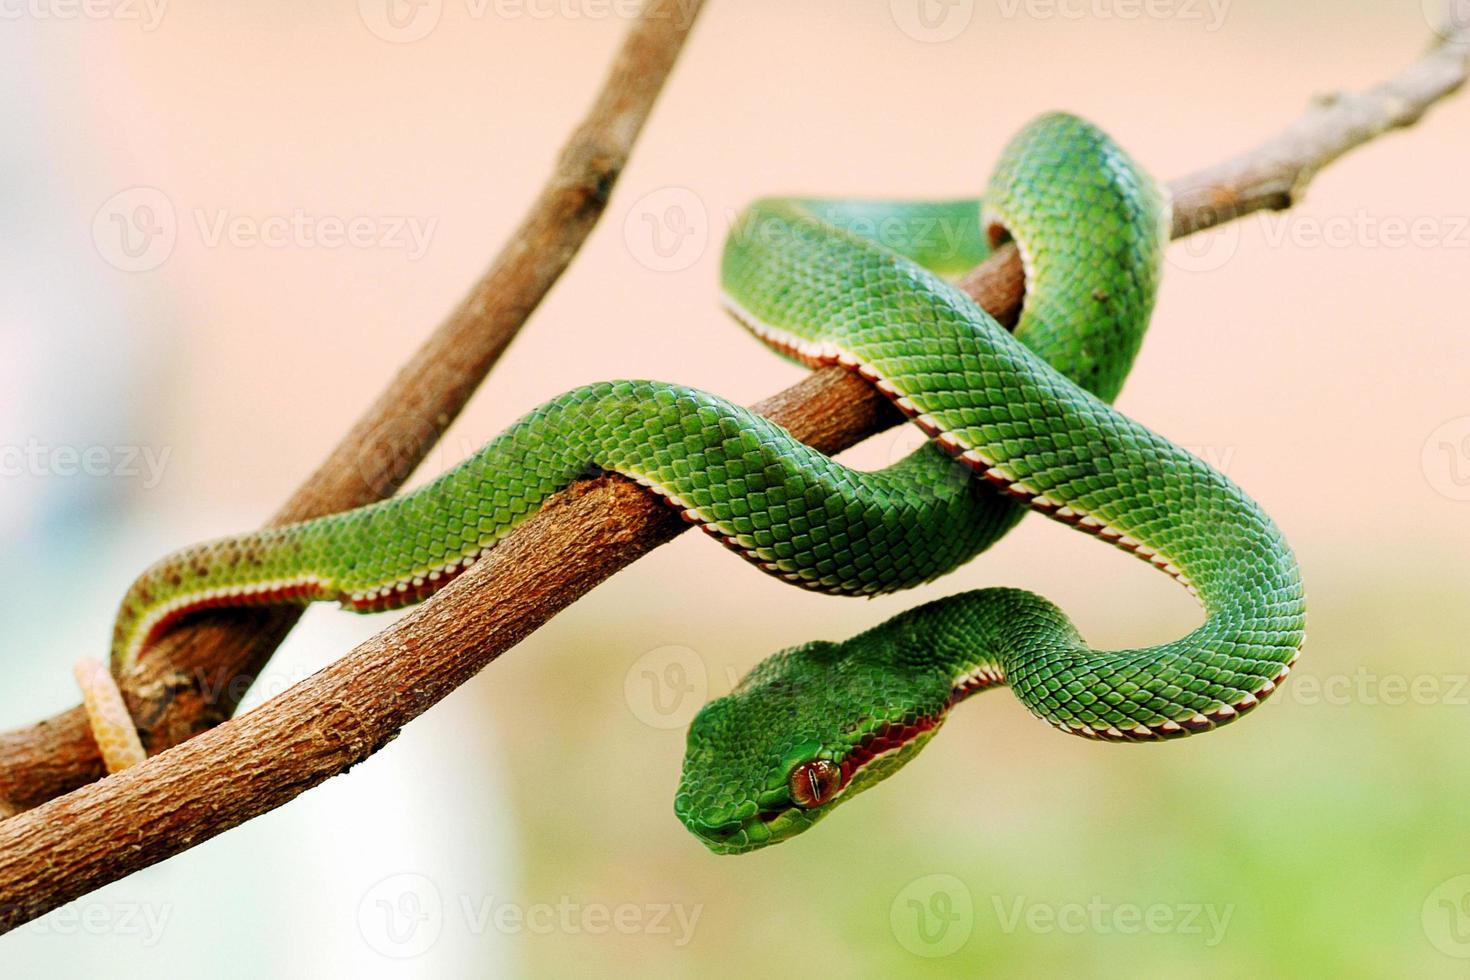 groene slang gewikkeld rond een boomtak foto